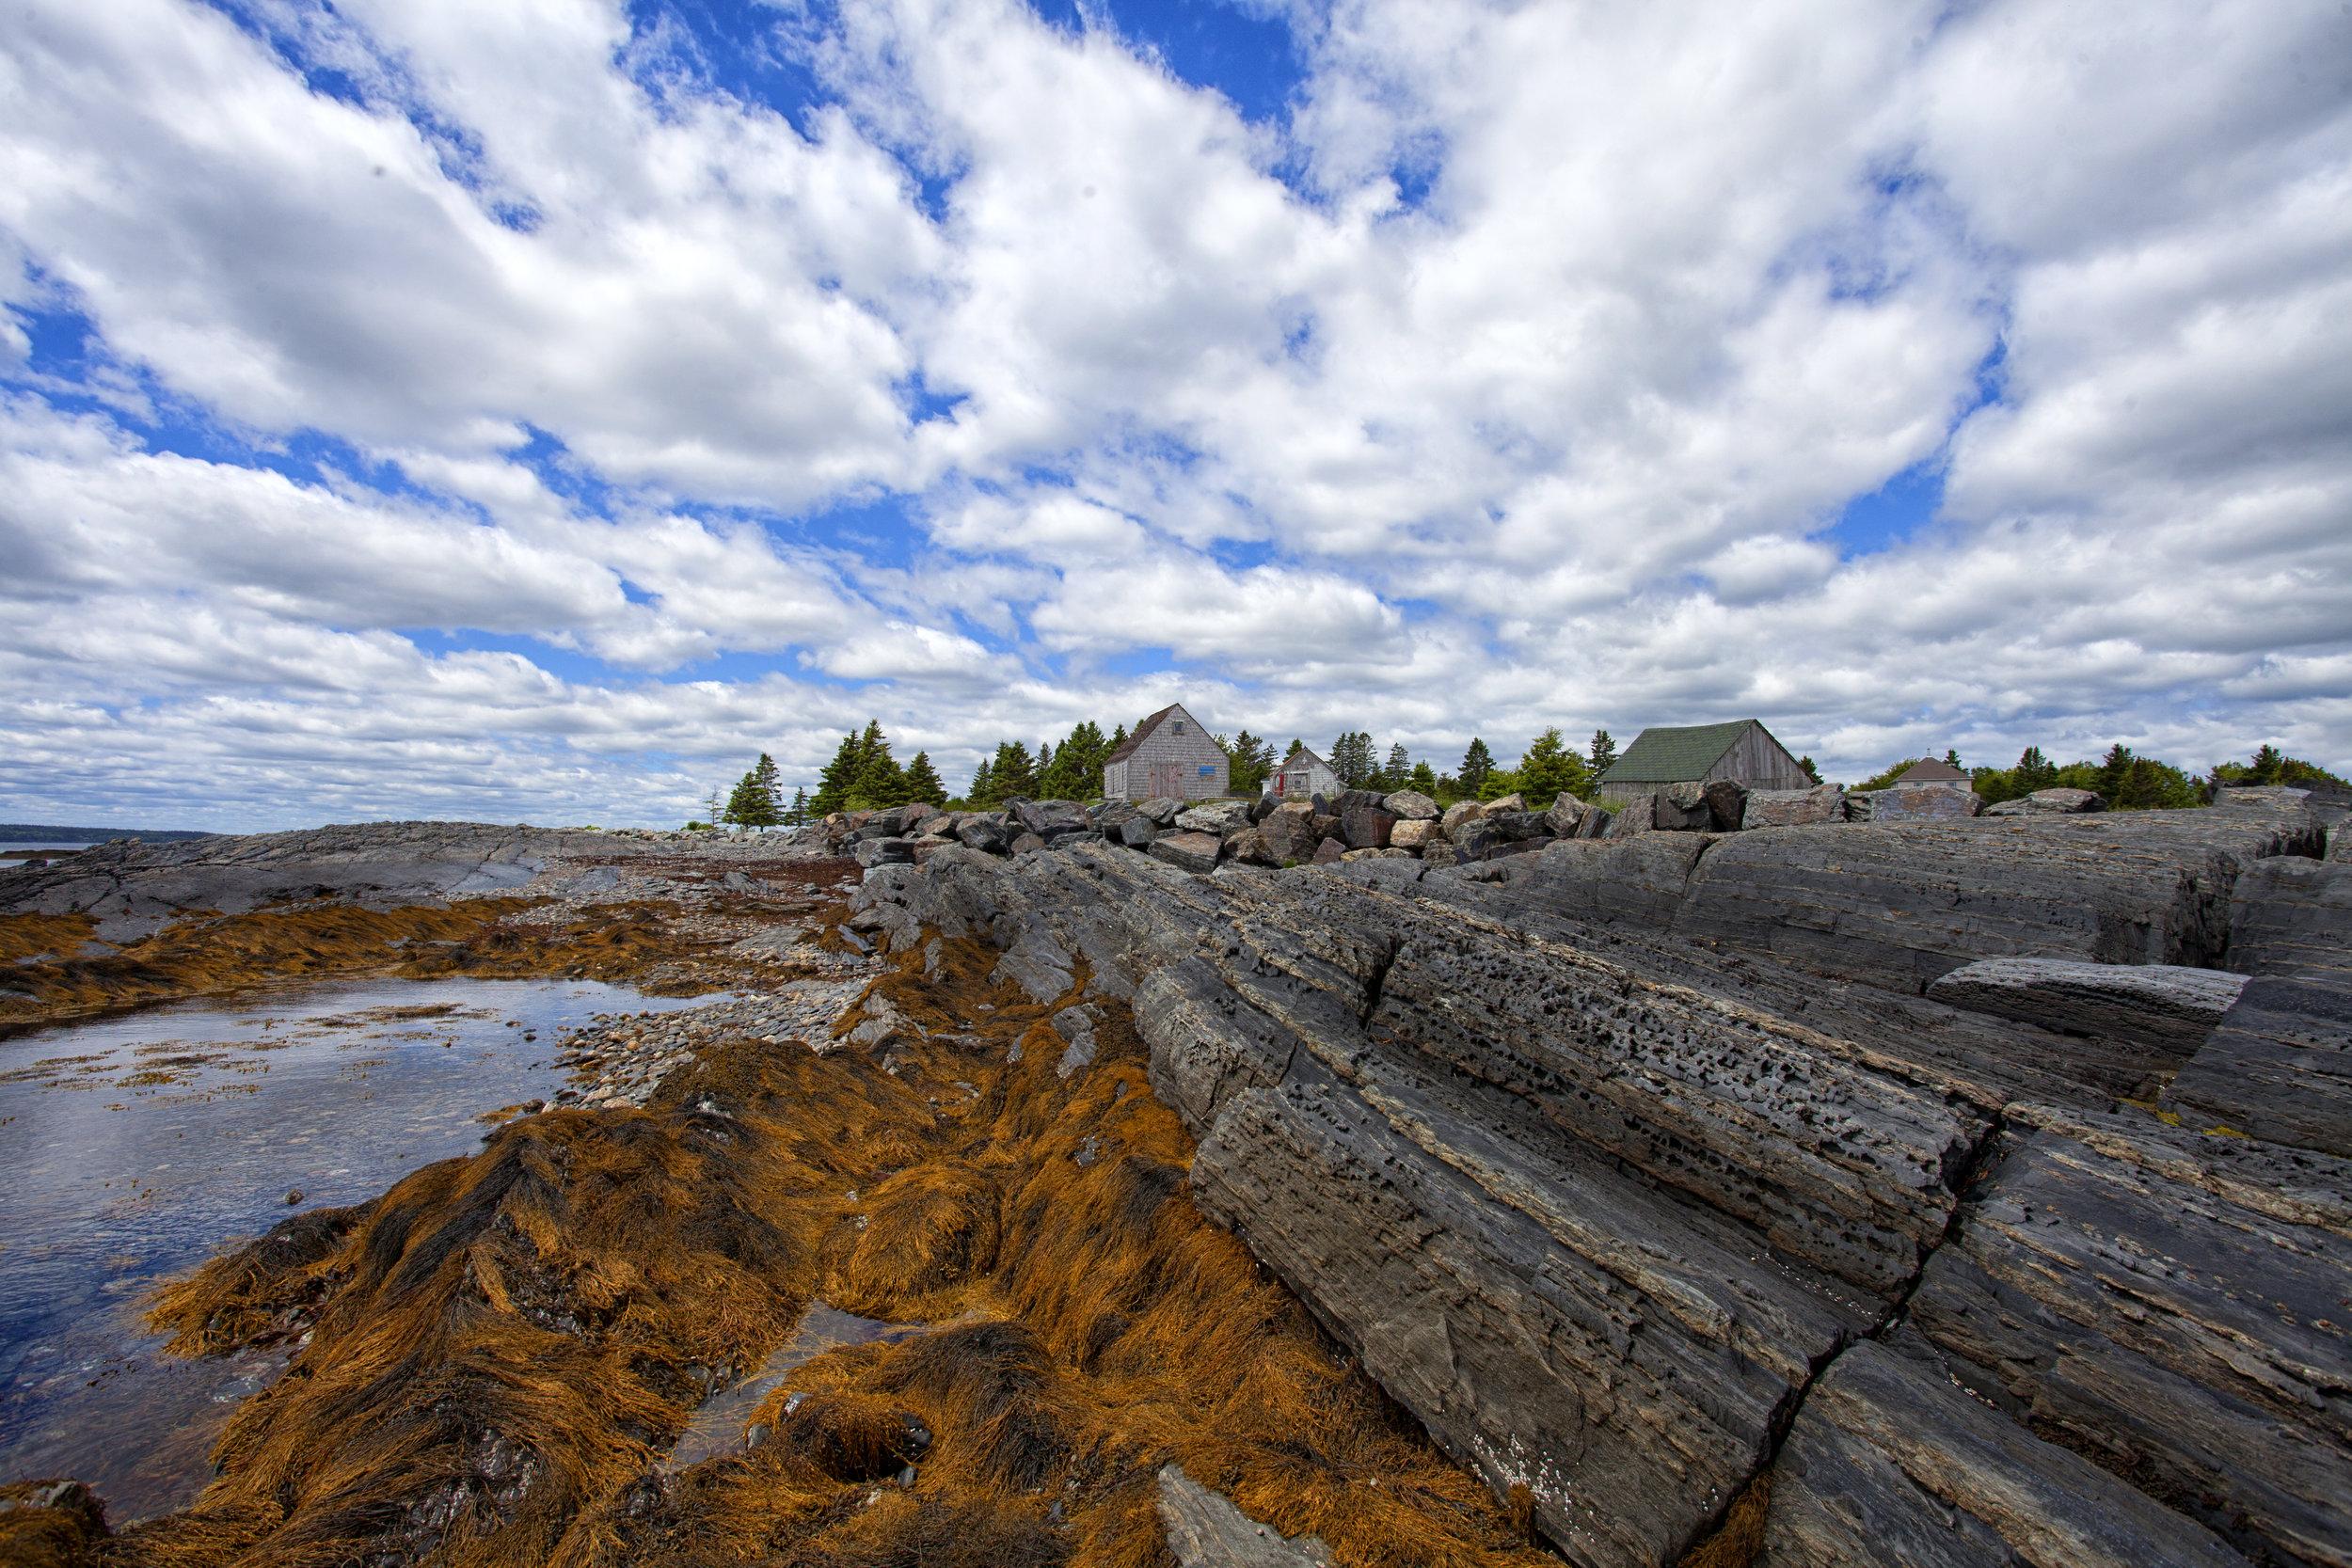 Blue Rocks Nova Scotia - Across the Blue Planet